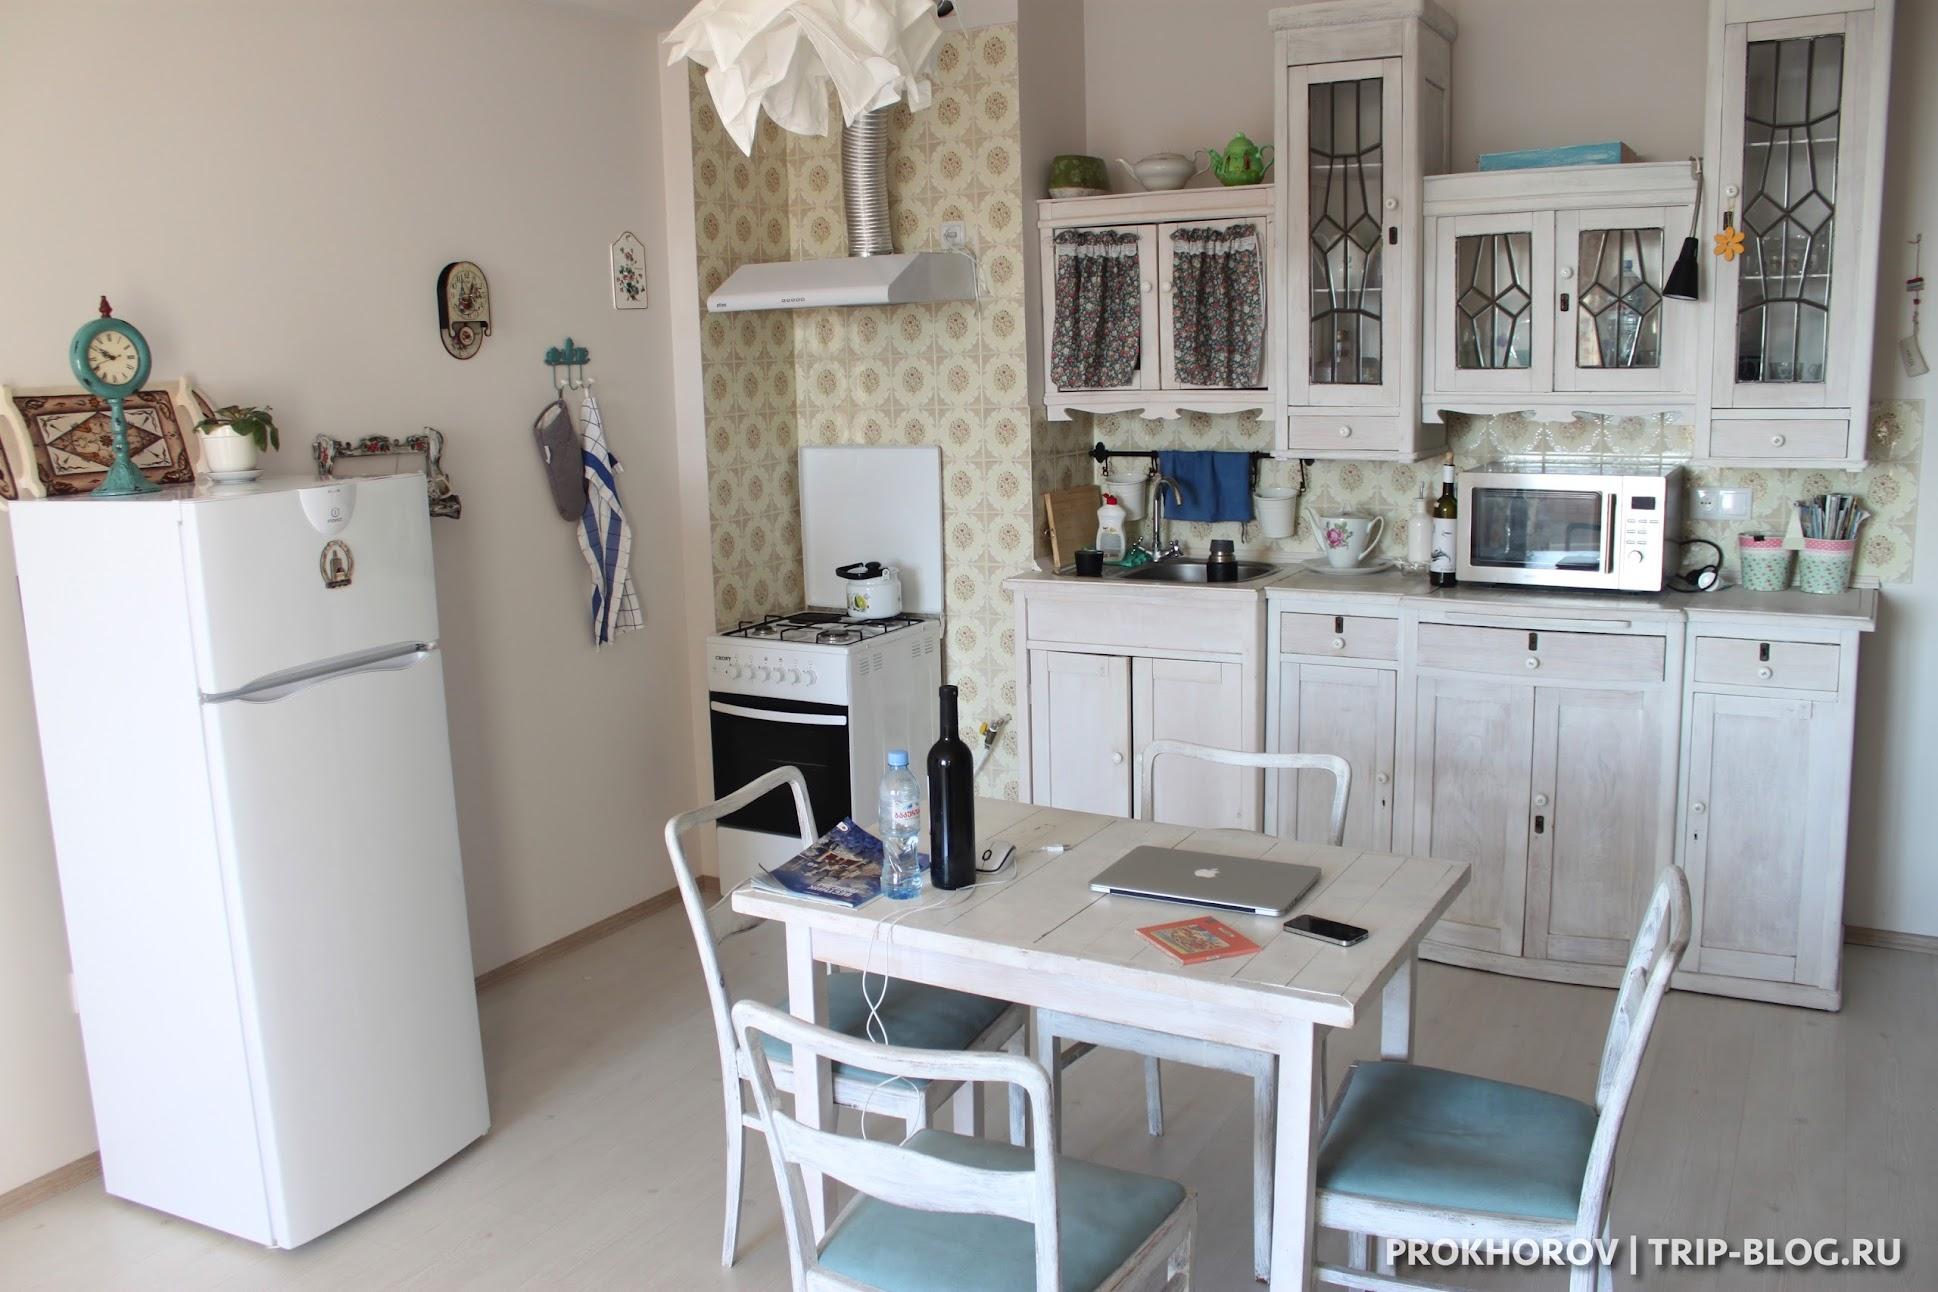 Квартира на сутки в Тбилиси